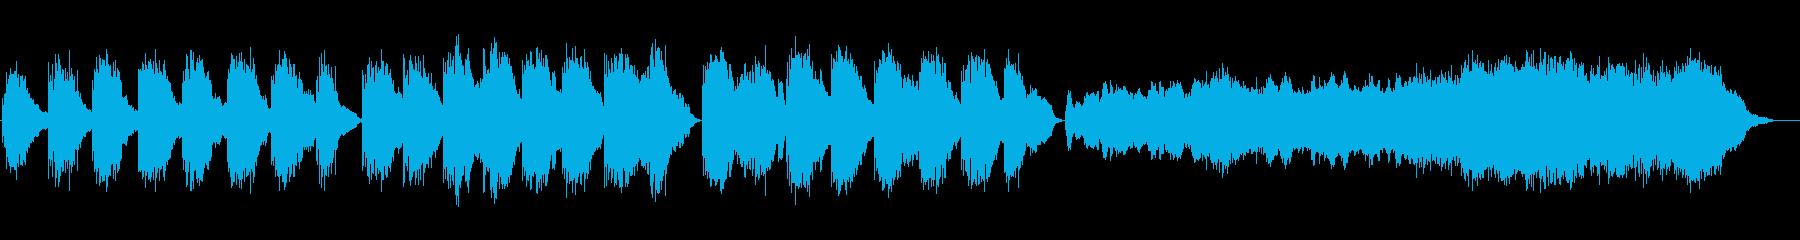 劇的な死を思わせるような音楽の再生済みの波形